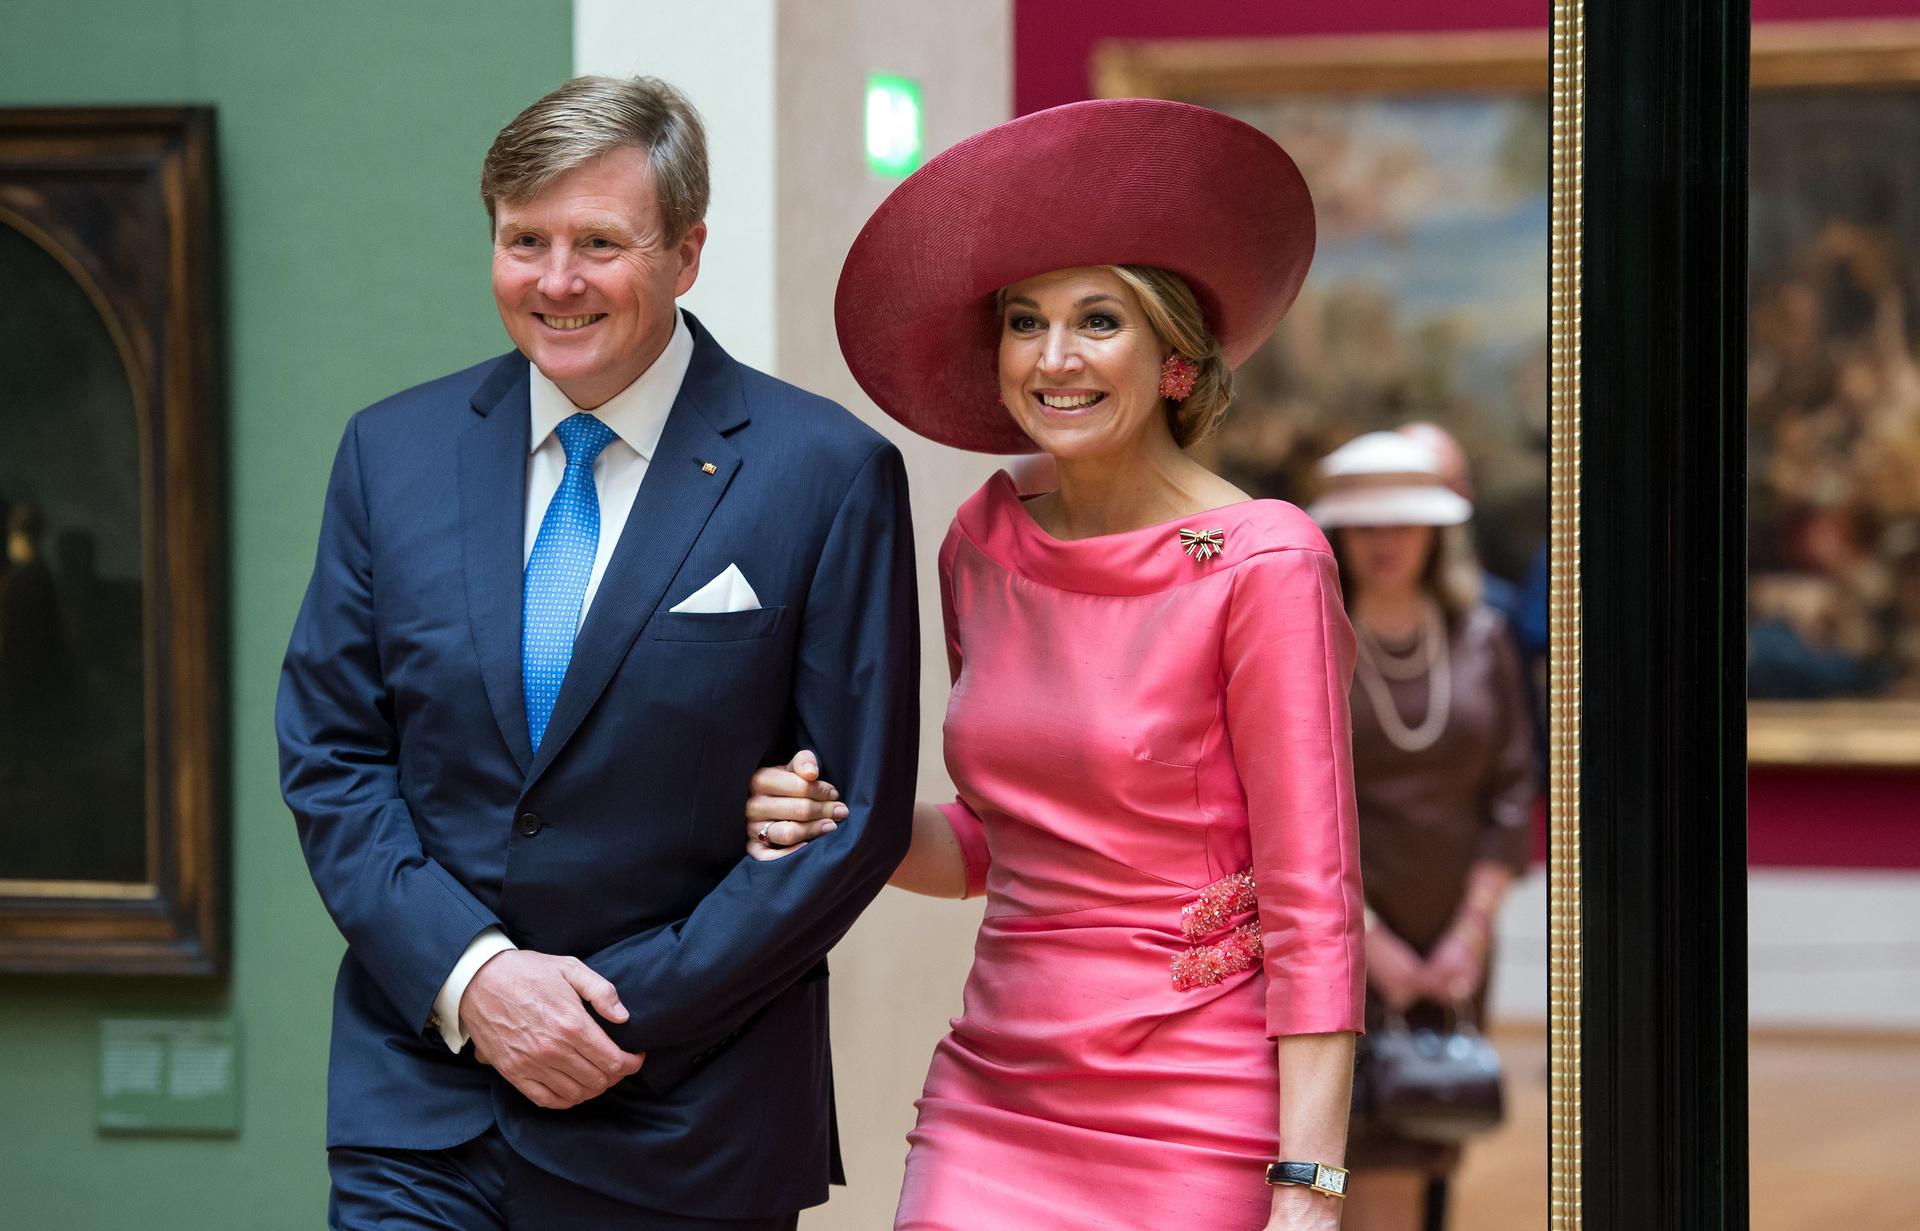 König Willem-Alexander und Königin Máxima der Niederlande mussten für ihre Liebe kämpfen. Anfangs belastete die politische Vergangenheit von Máximas Vater die Beziehung  © ZDF/Sven Hoppe